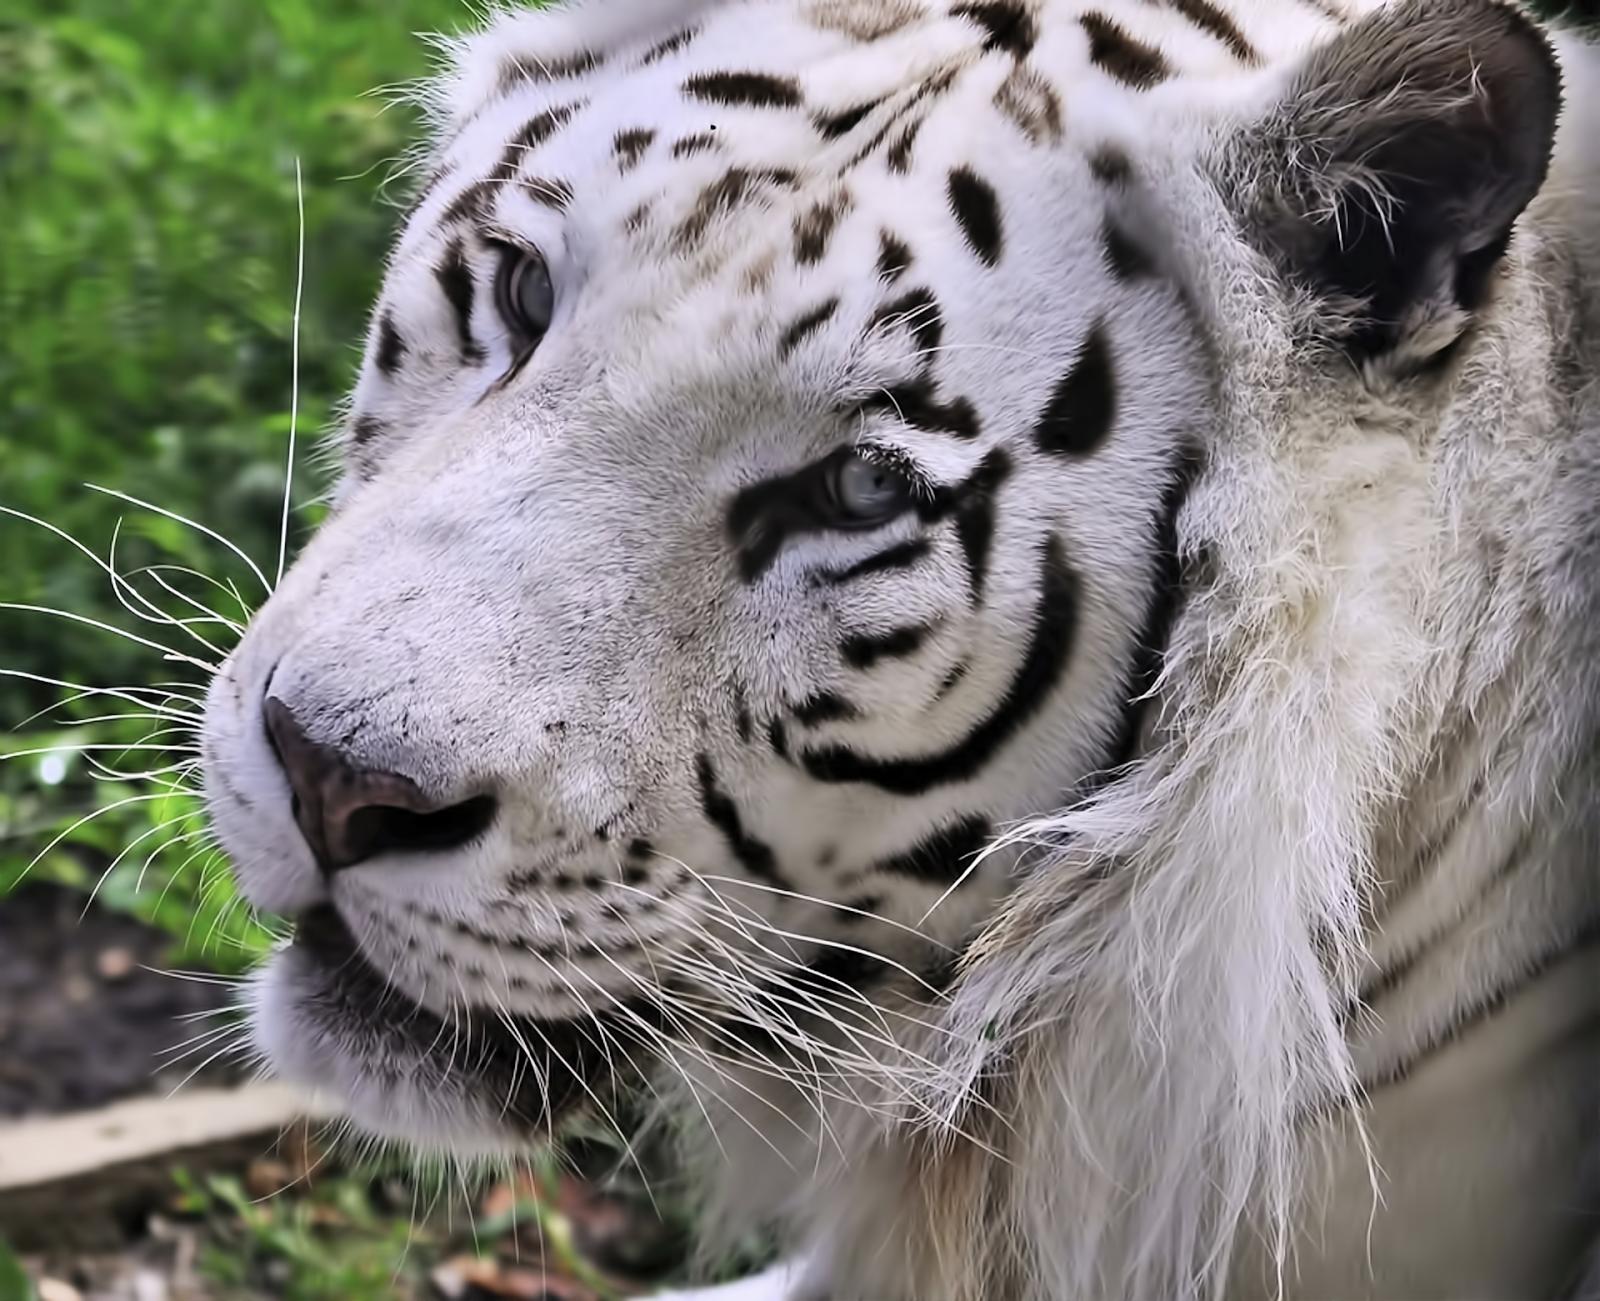 WhiteTiger0052.png 1920x1561x24(RGB) #white #tiger  #animal #endangered #predator #majestic